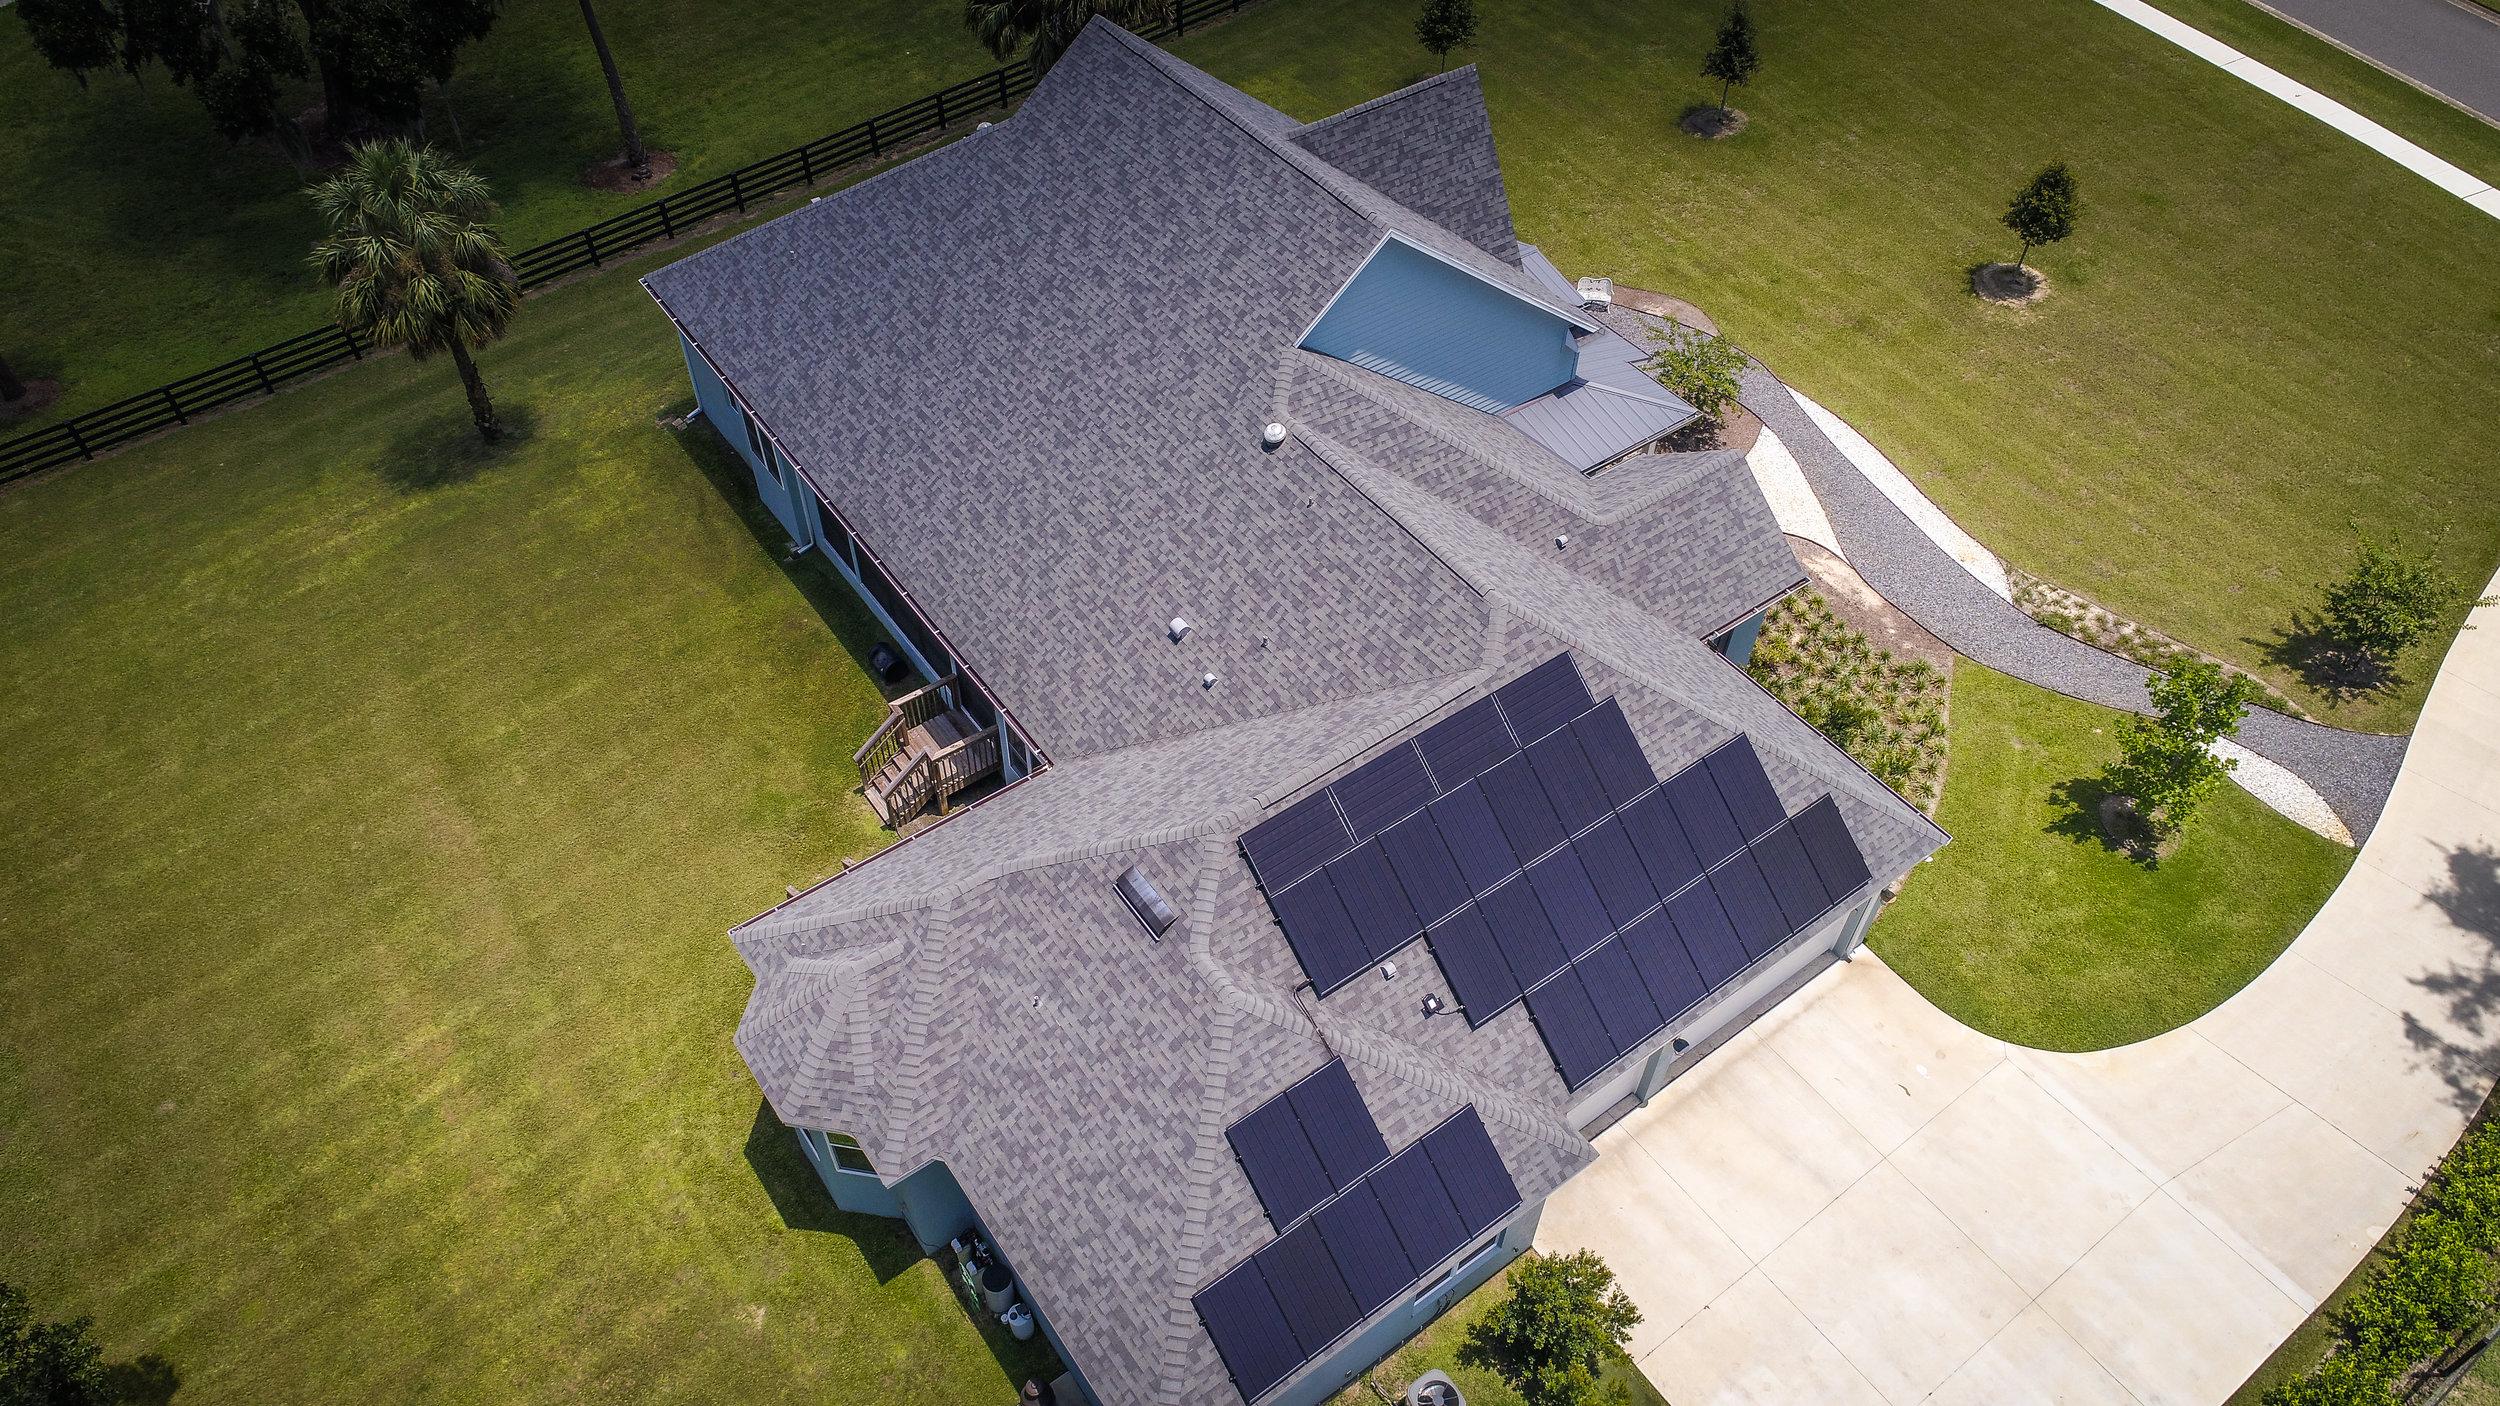 Residential Home Solar Image 2.jpg